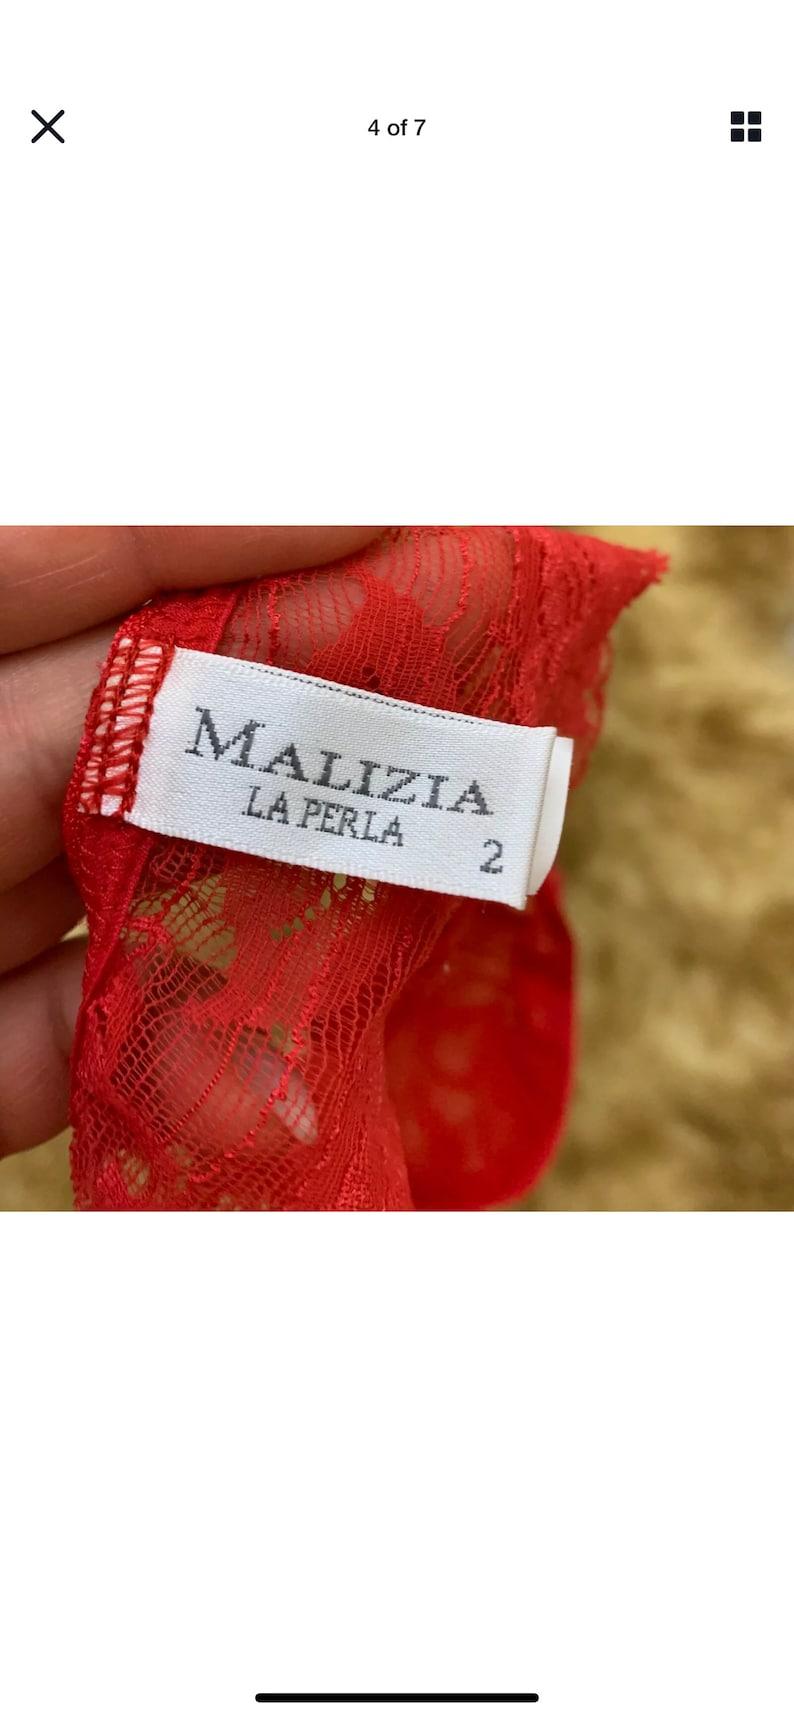 Malizia La perla red lace panty thong size Usa S uk12 eu38